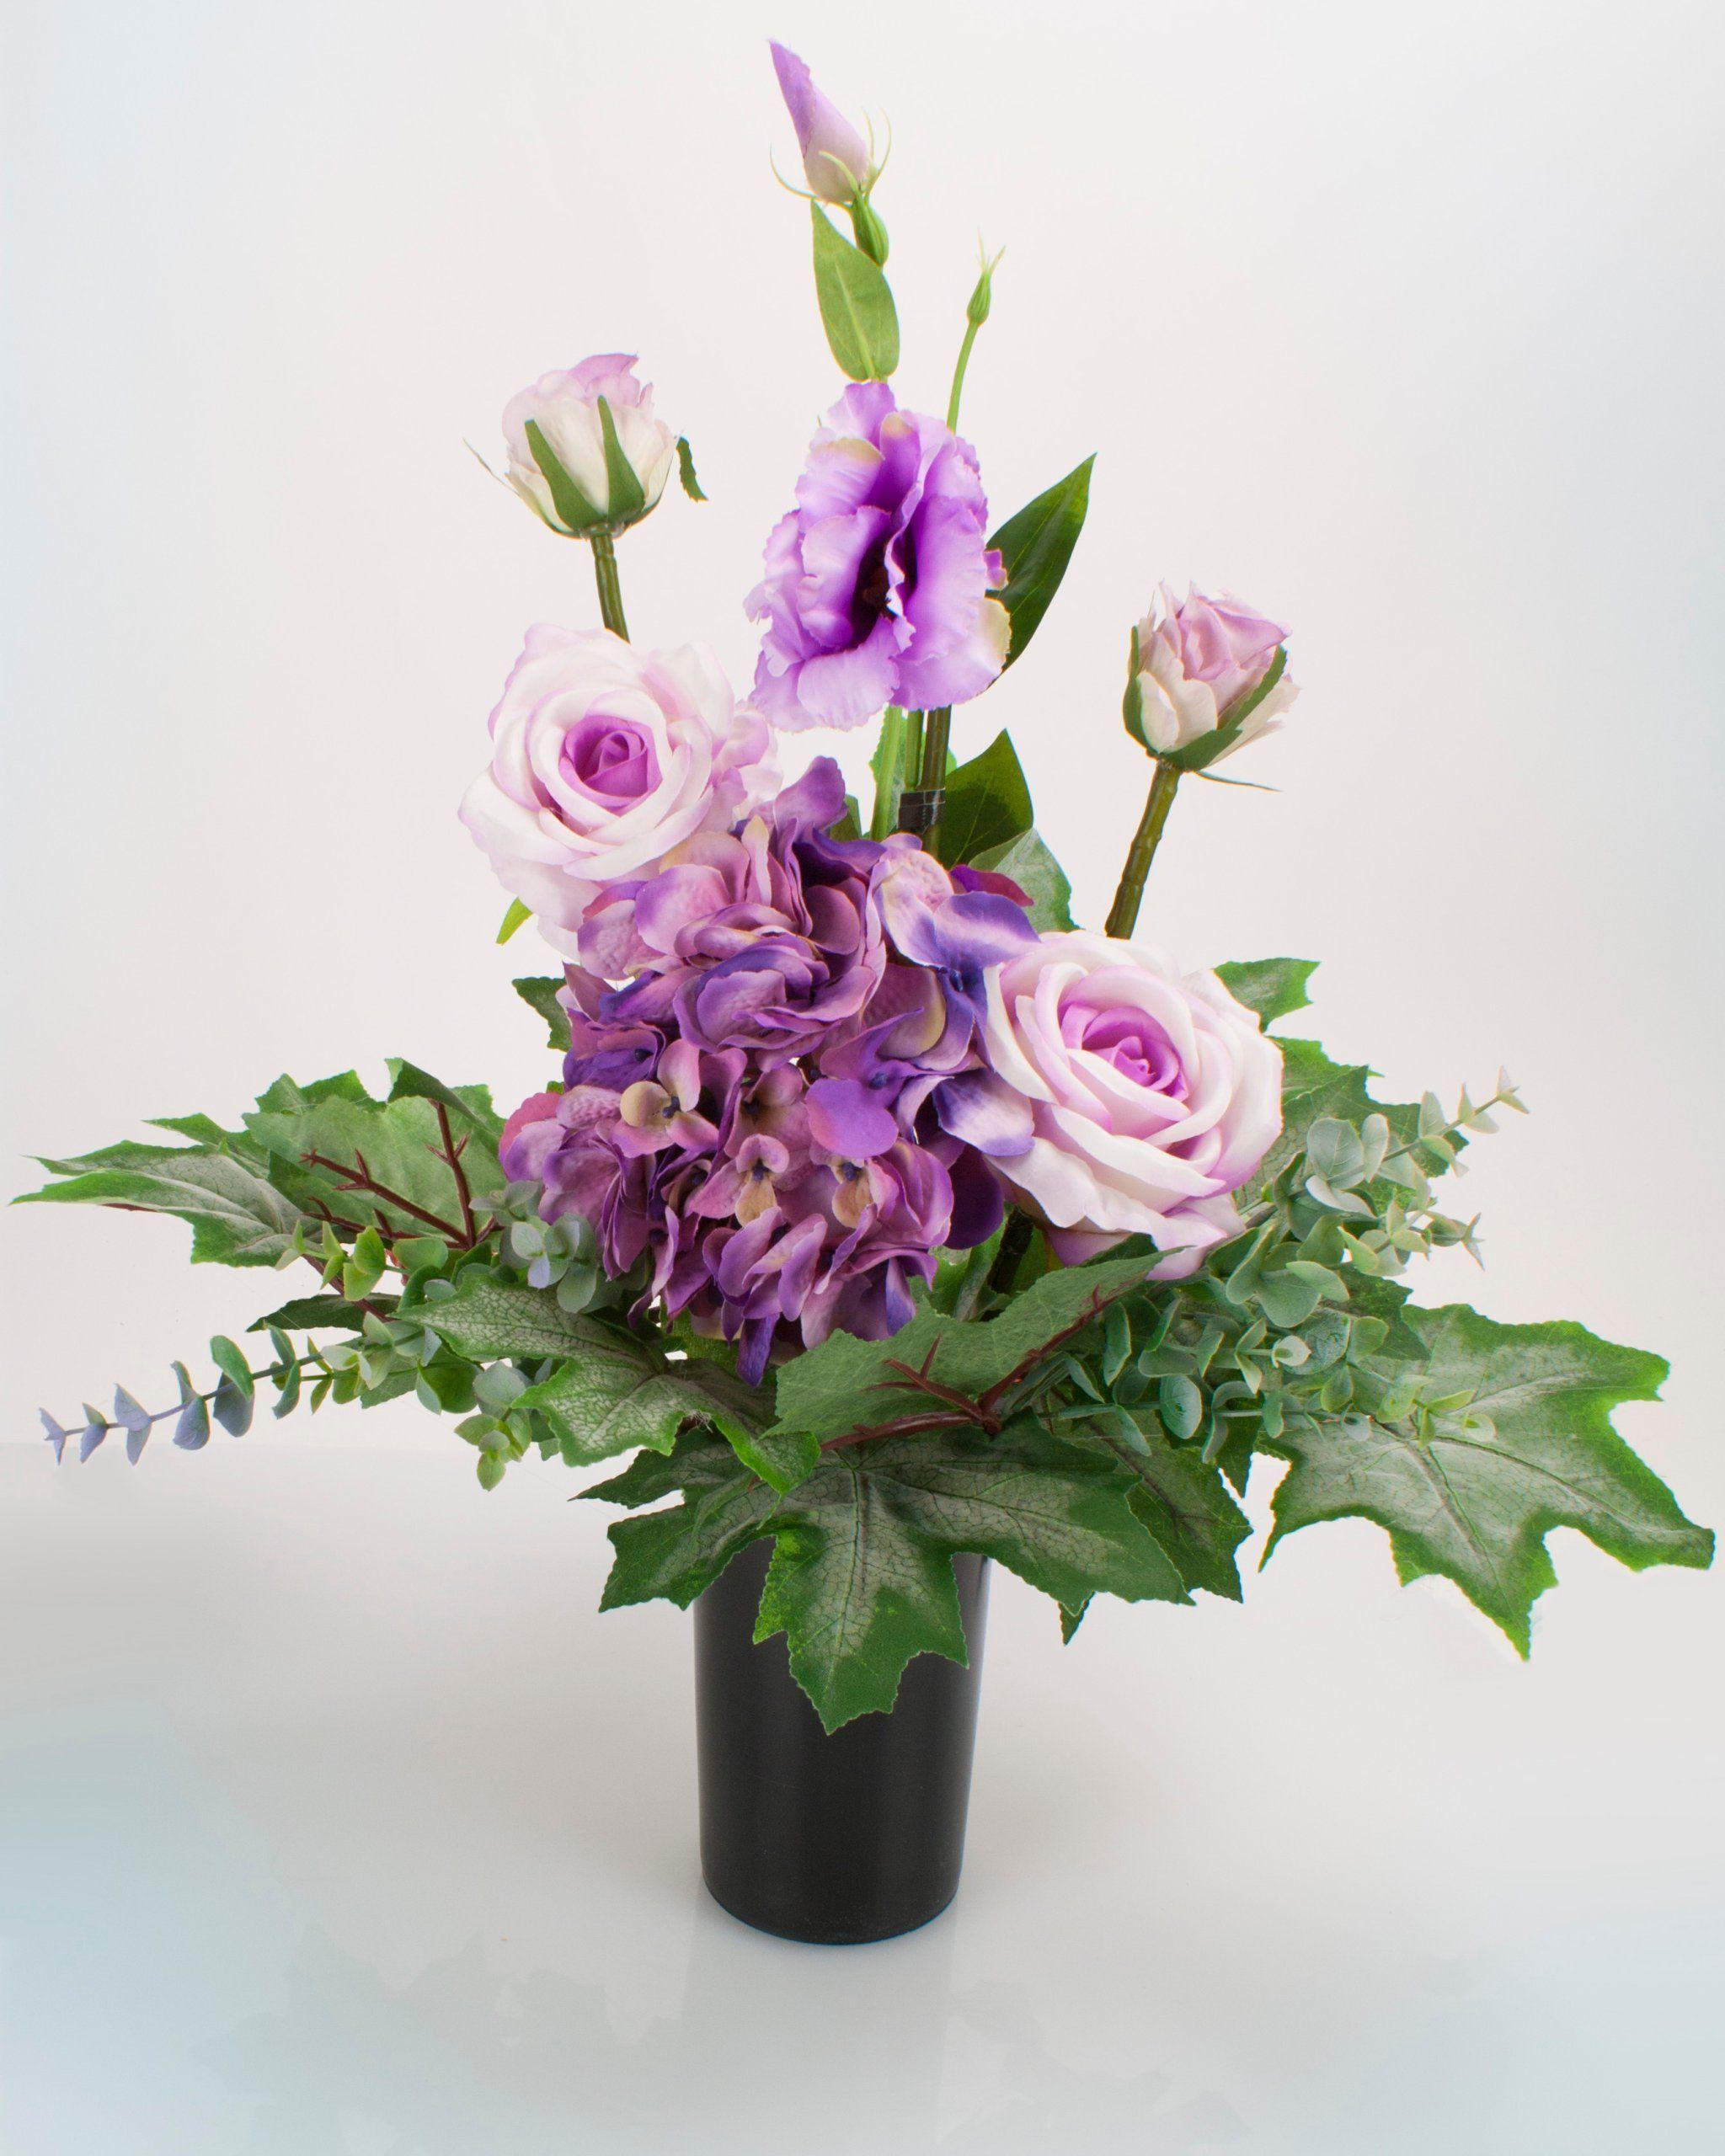 Kup Teraz Na Allegro Pl Za 129 00 Zl Sztuczne Kwiaty Na Grob Stroik Bukiet Kompozycja 7188685203 Allegro Pl Rad Floral Arrangements Floral Arrangement